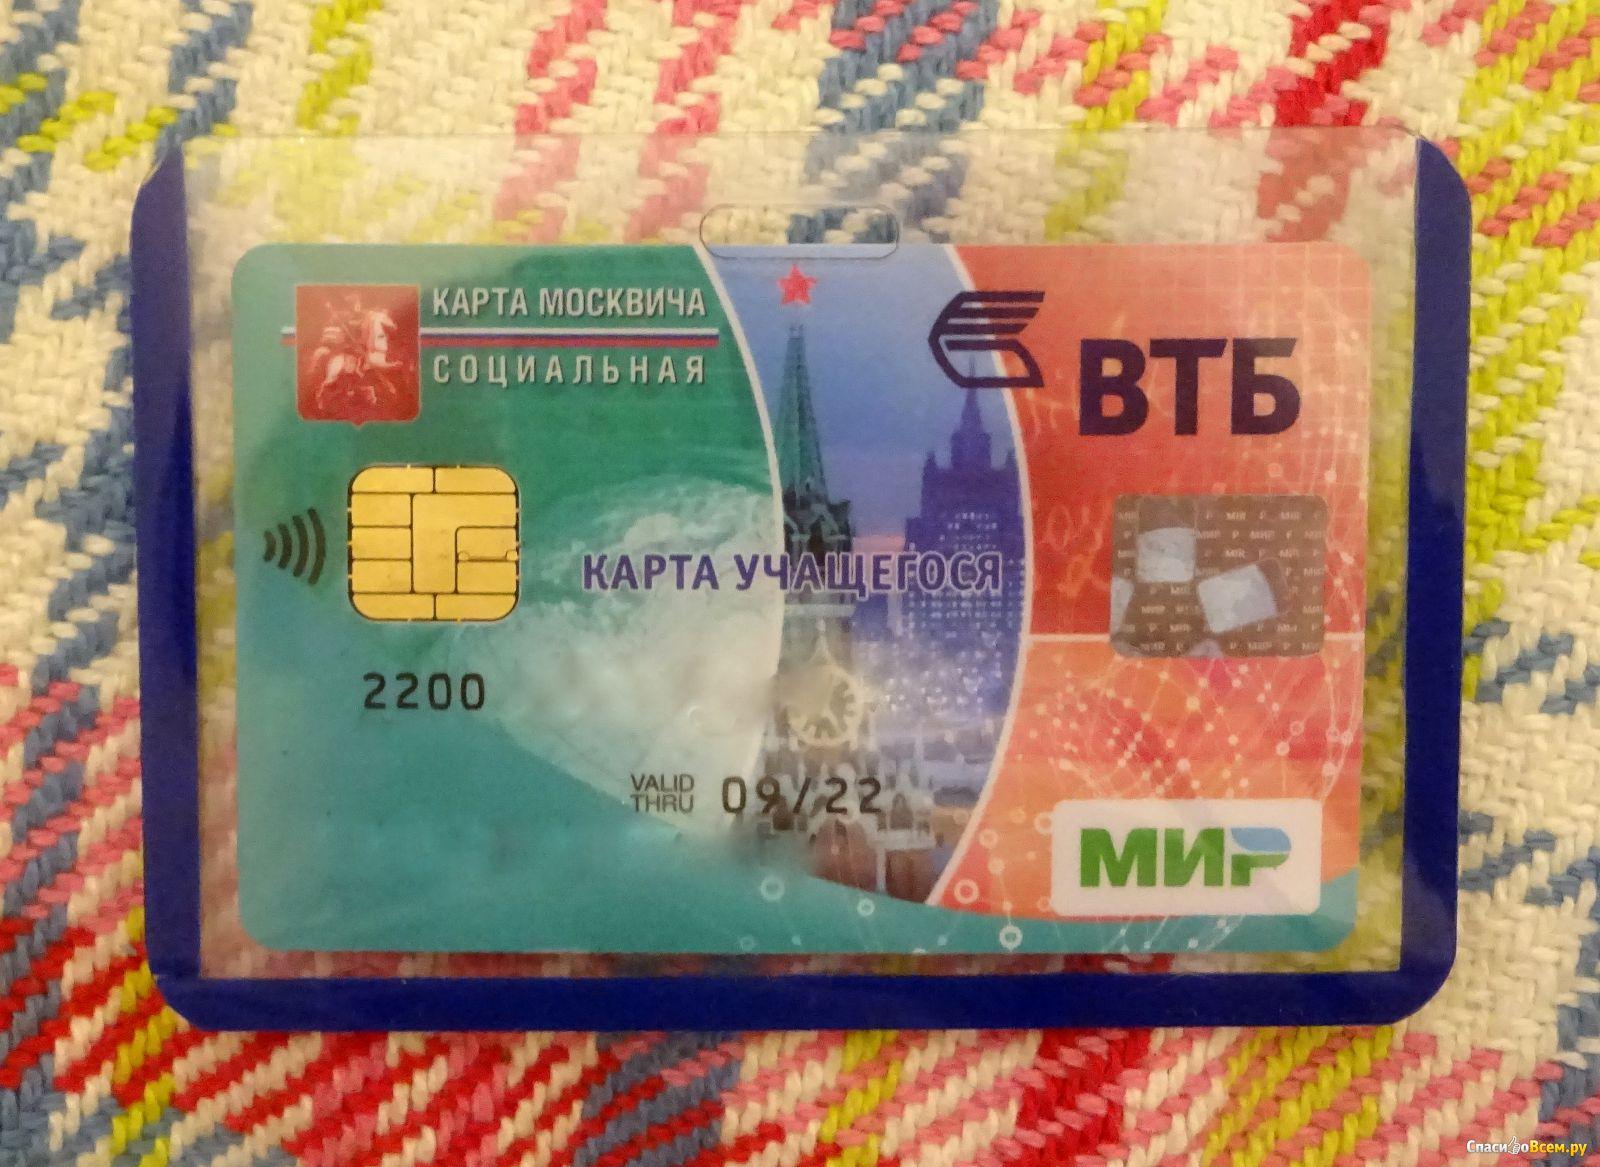 Социальная карта москвича: кому положена и как получить? 50